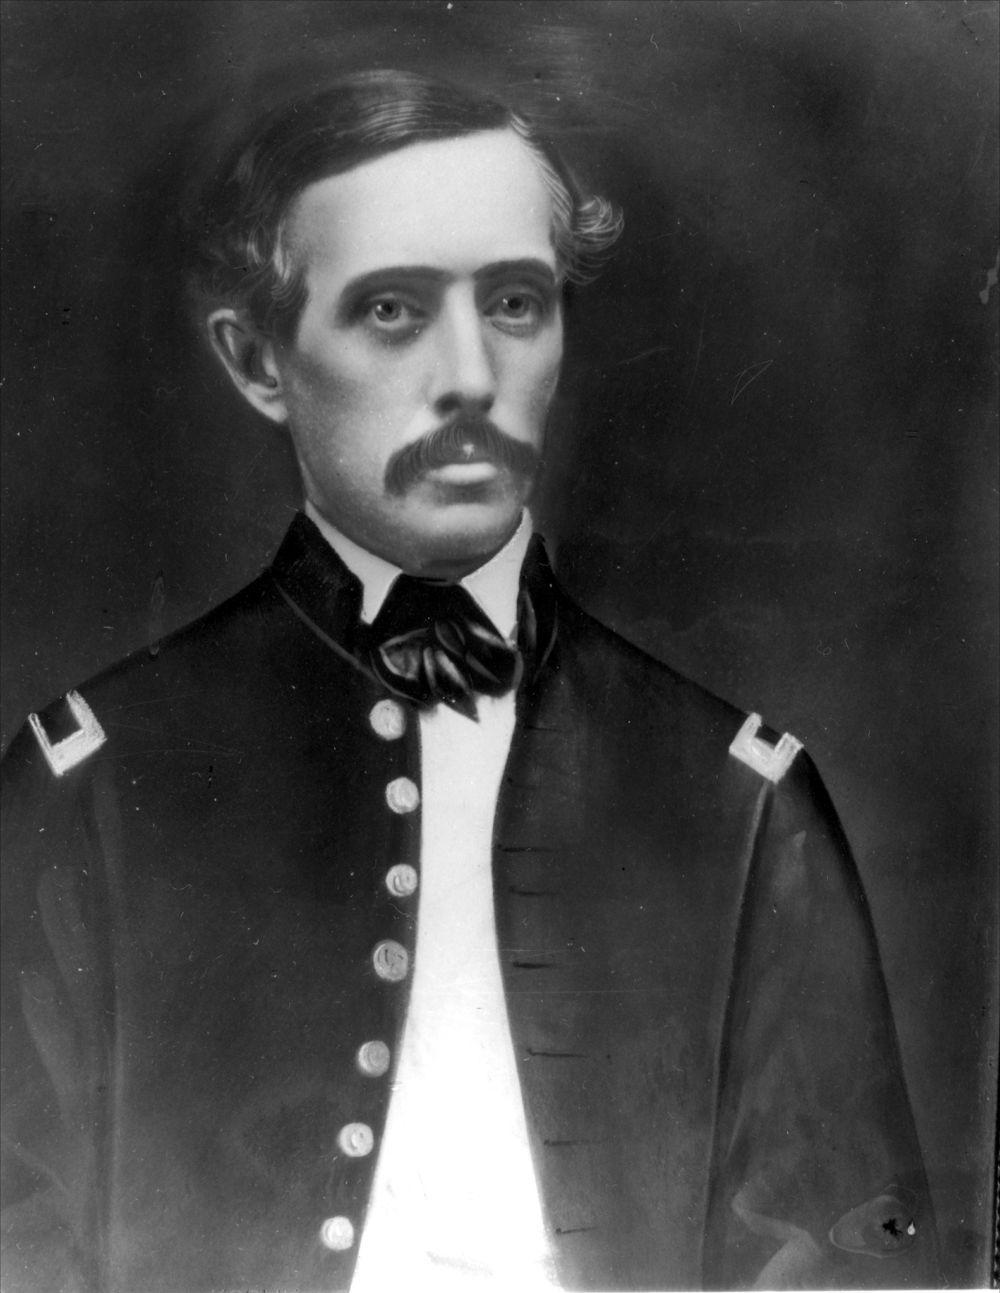 Major E. A. Ogden